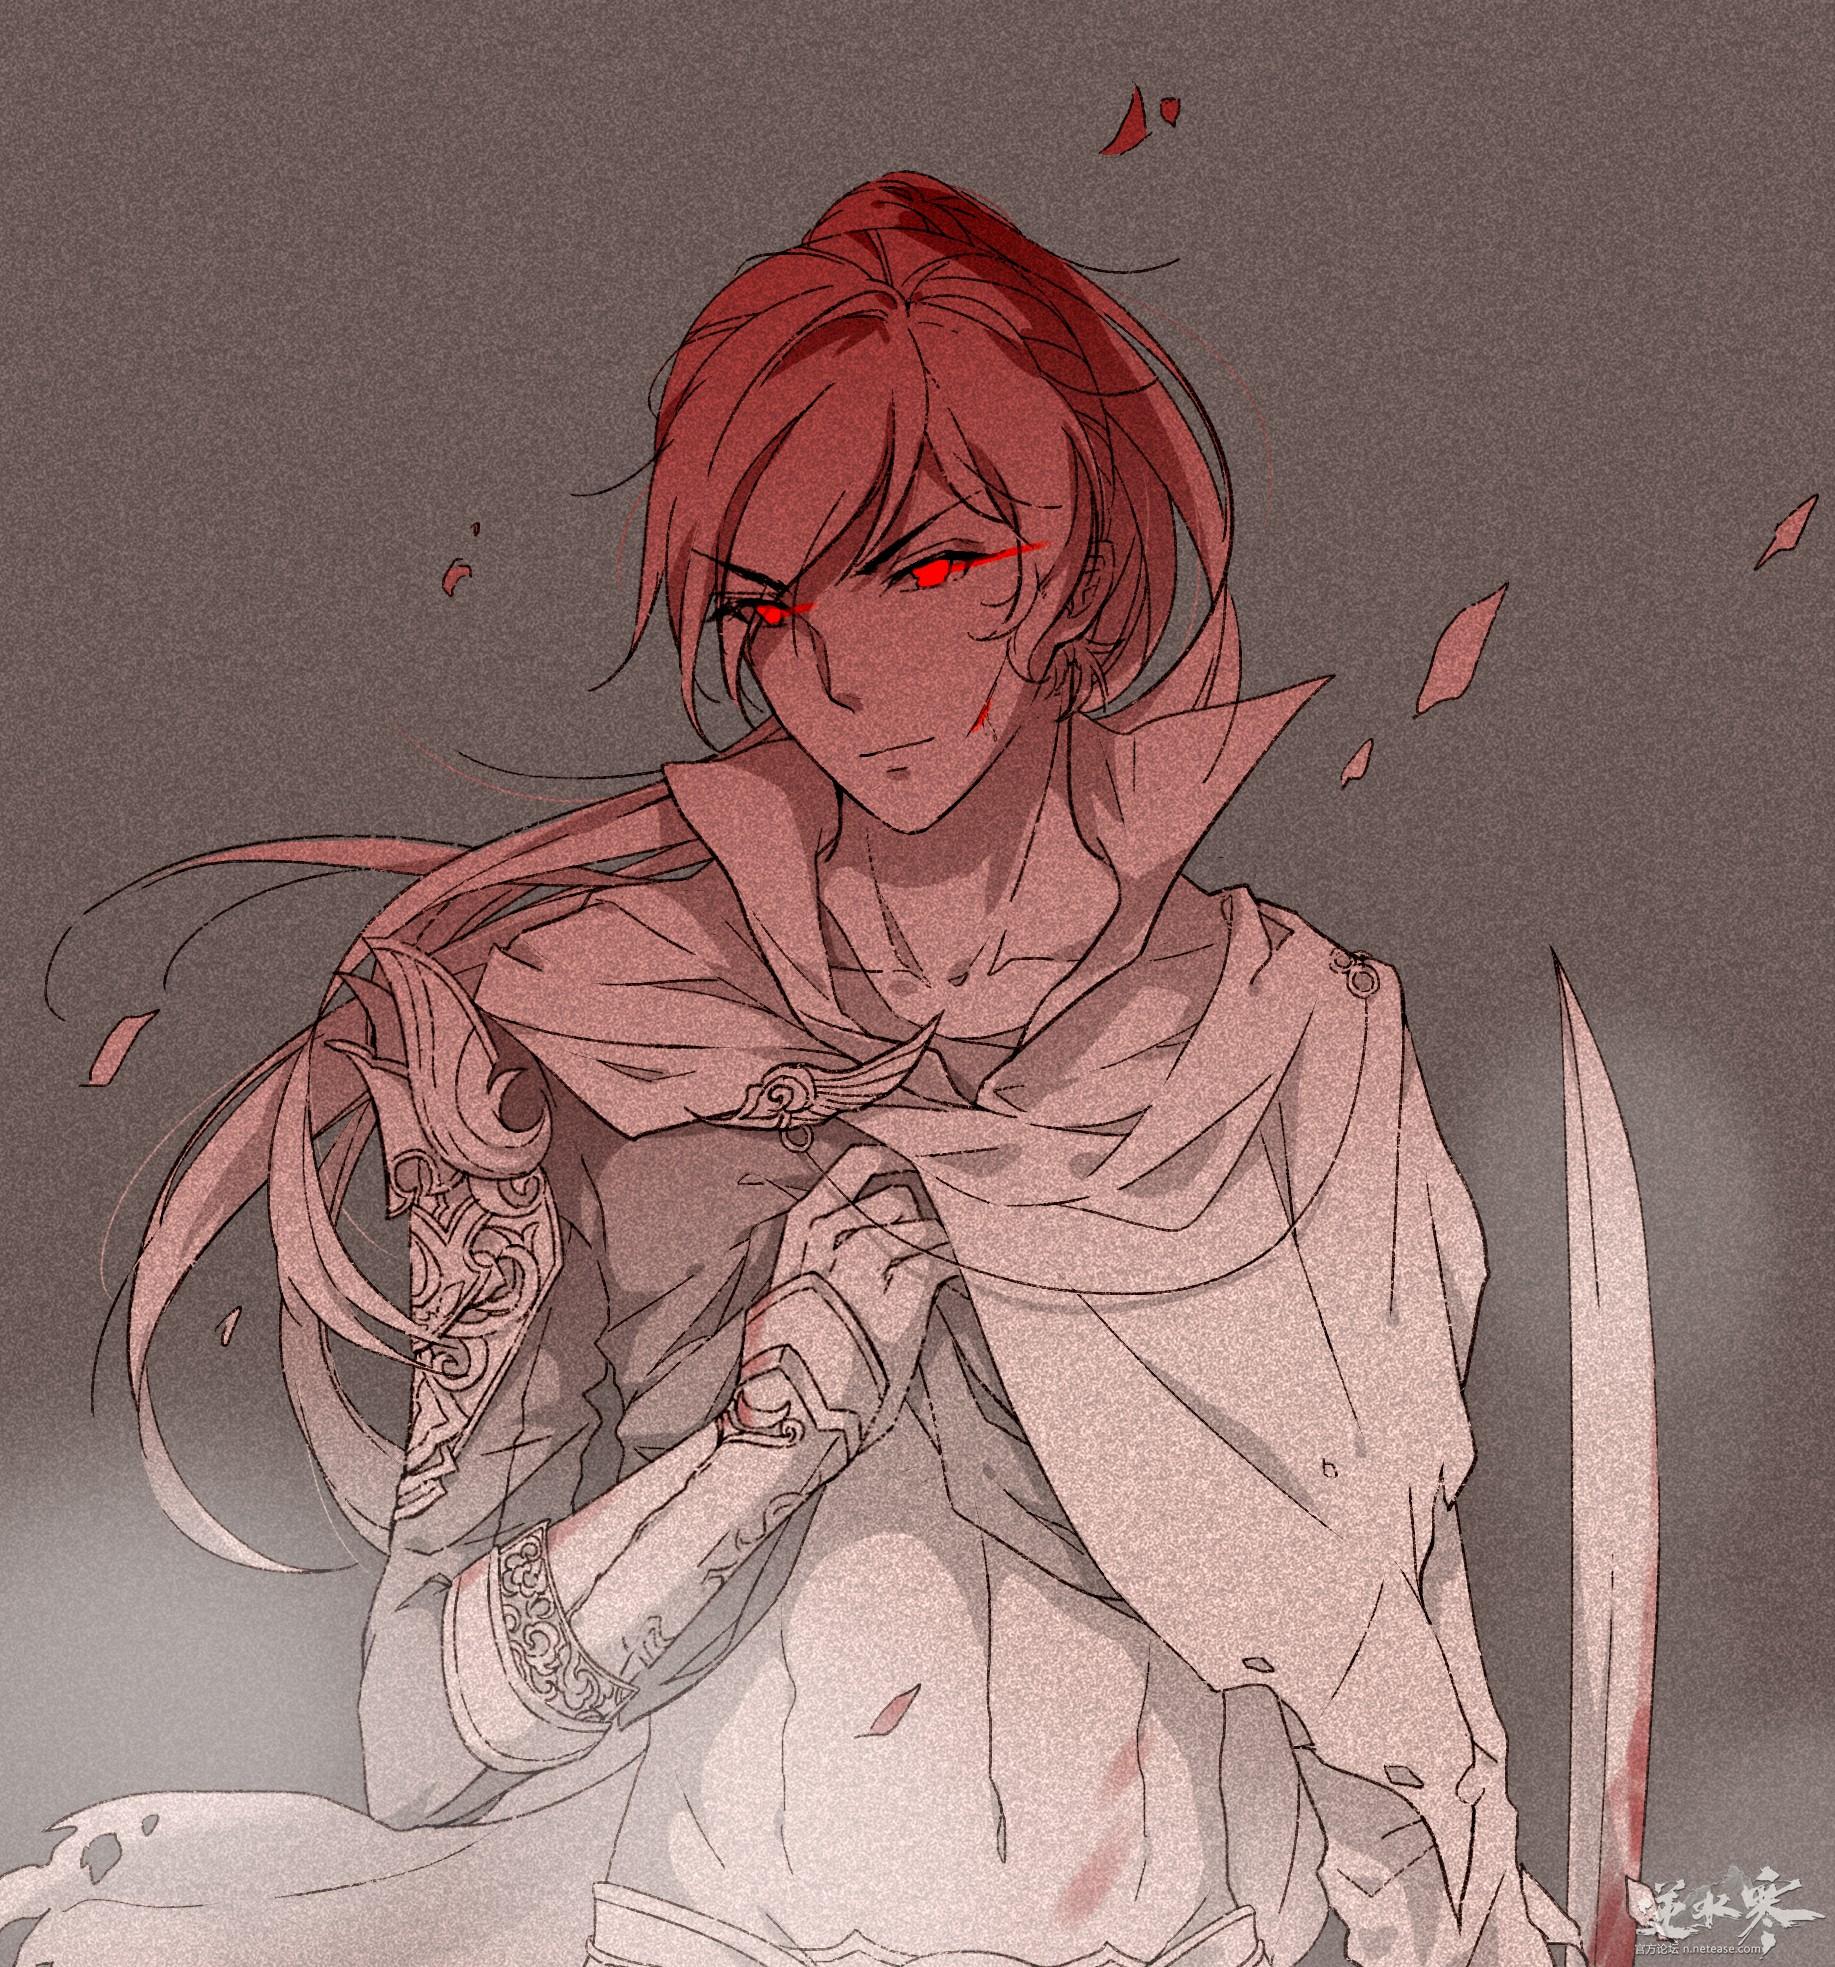 【自在门·手绘】妖兽啦碎梦师兄撩衣服啦\(^o^)/是我心中的碎梦没错了